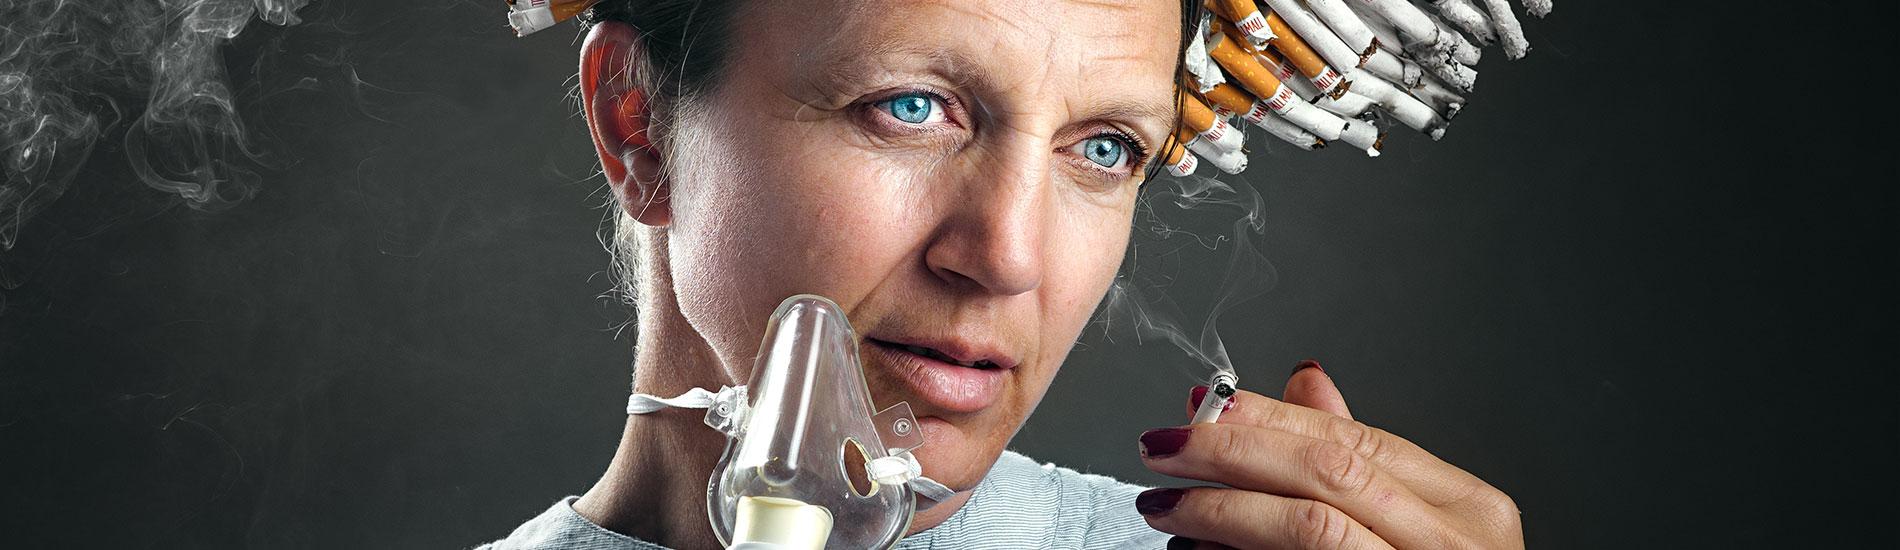 Τσιγάρο: όλα είναι στο μυαλό!